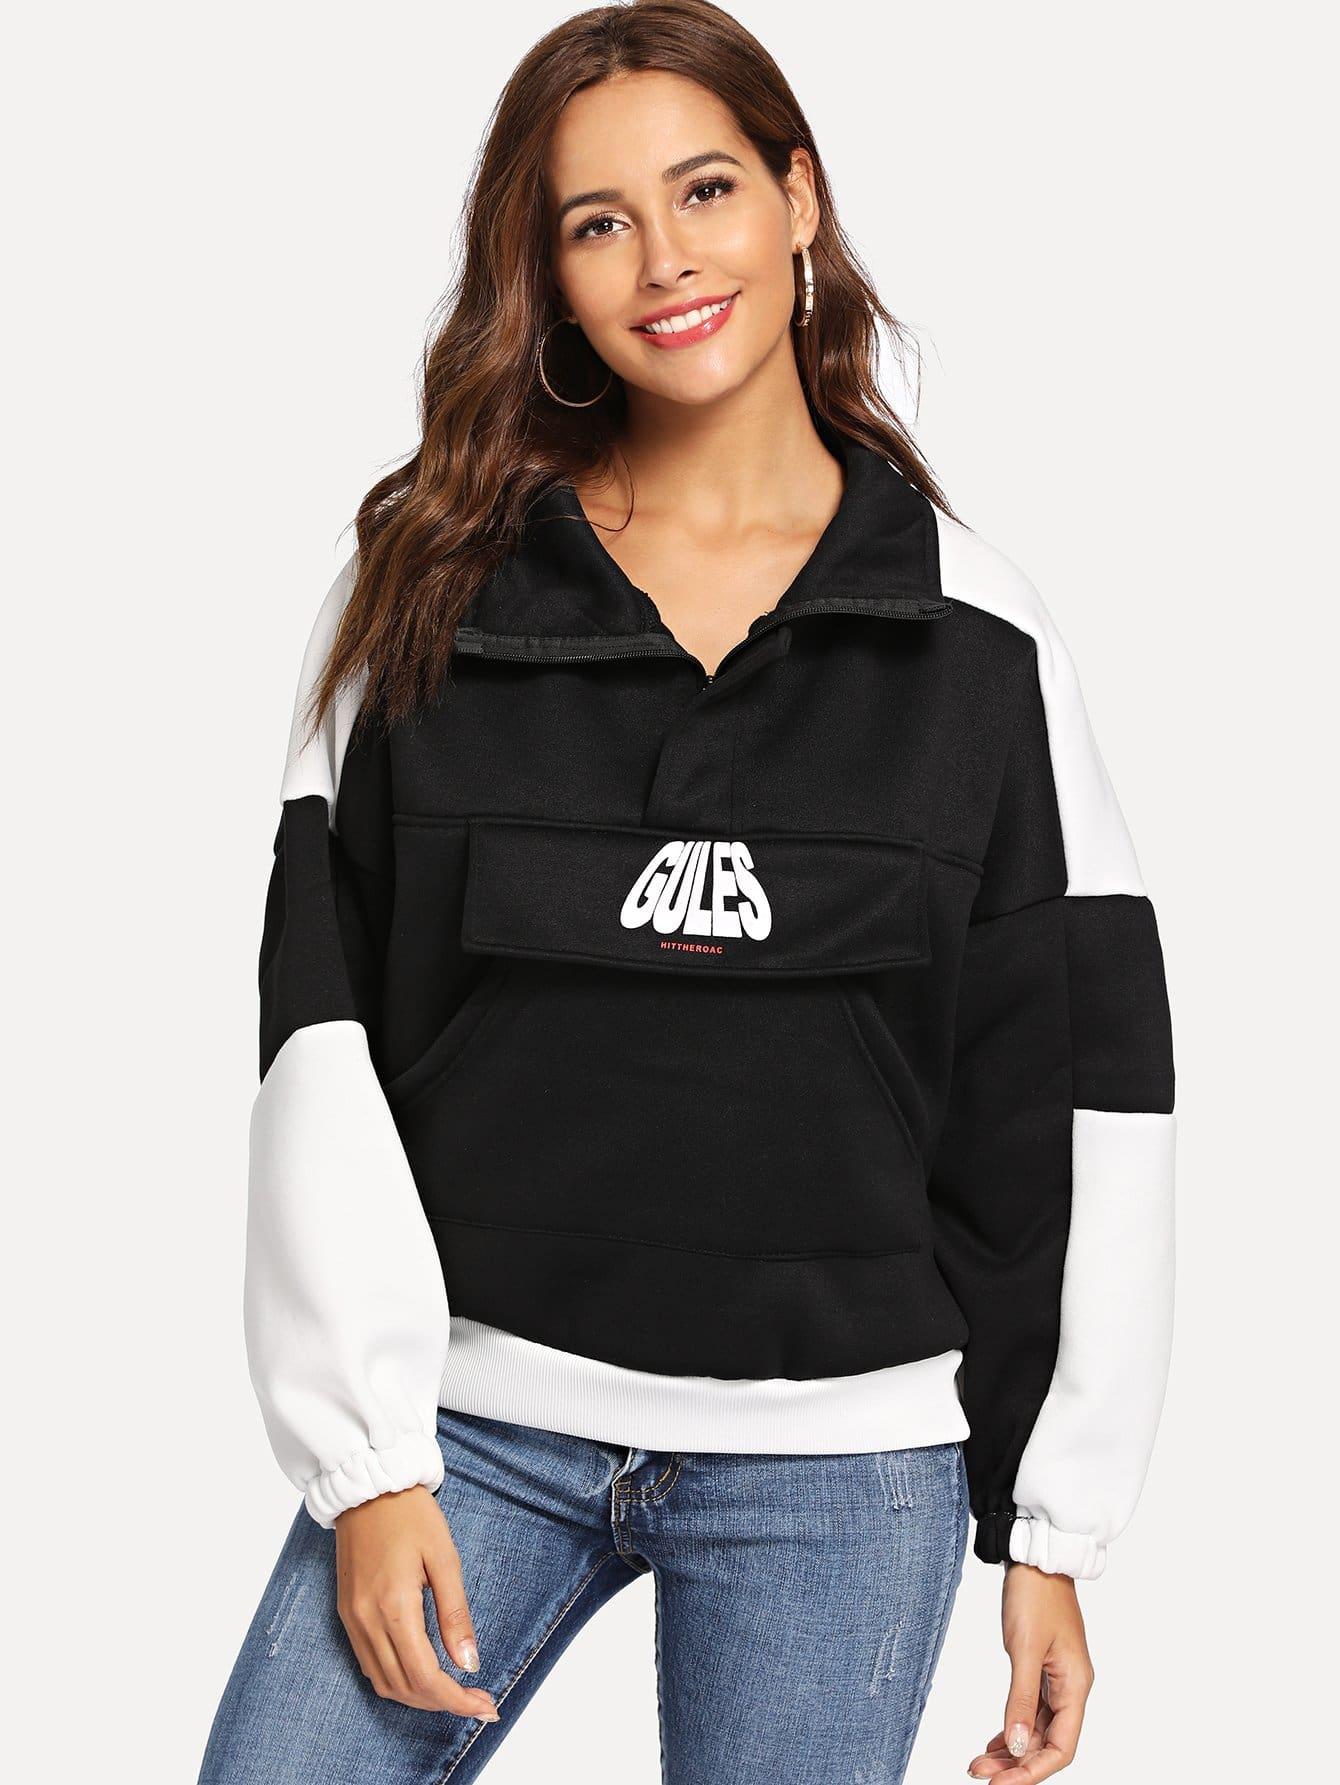 Купить Контрастный пуловер с застёжкой молния, Giulia, SheIn